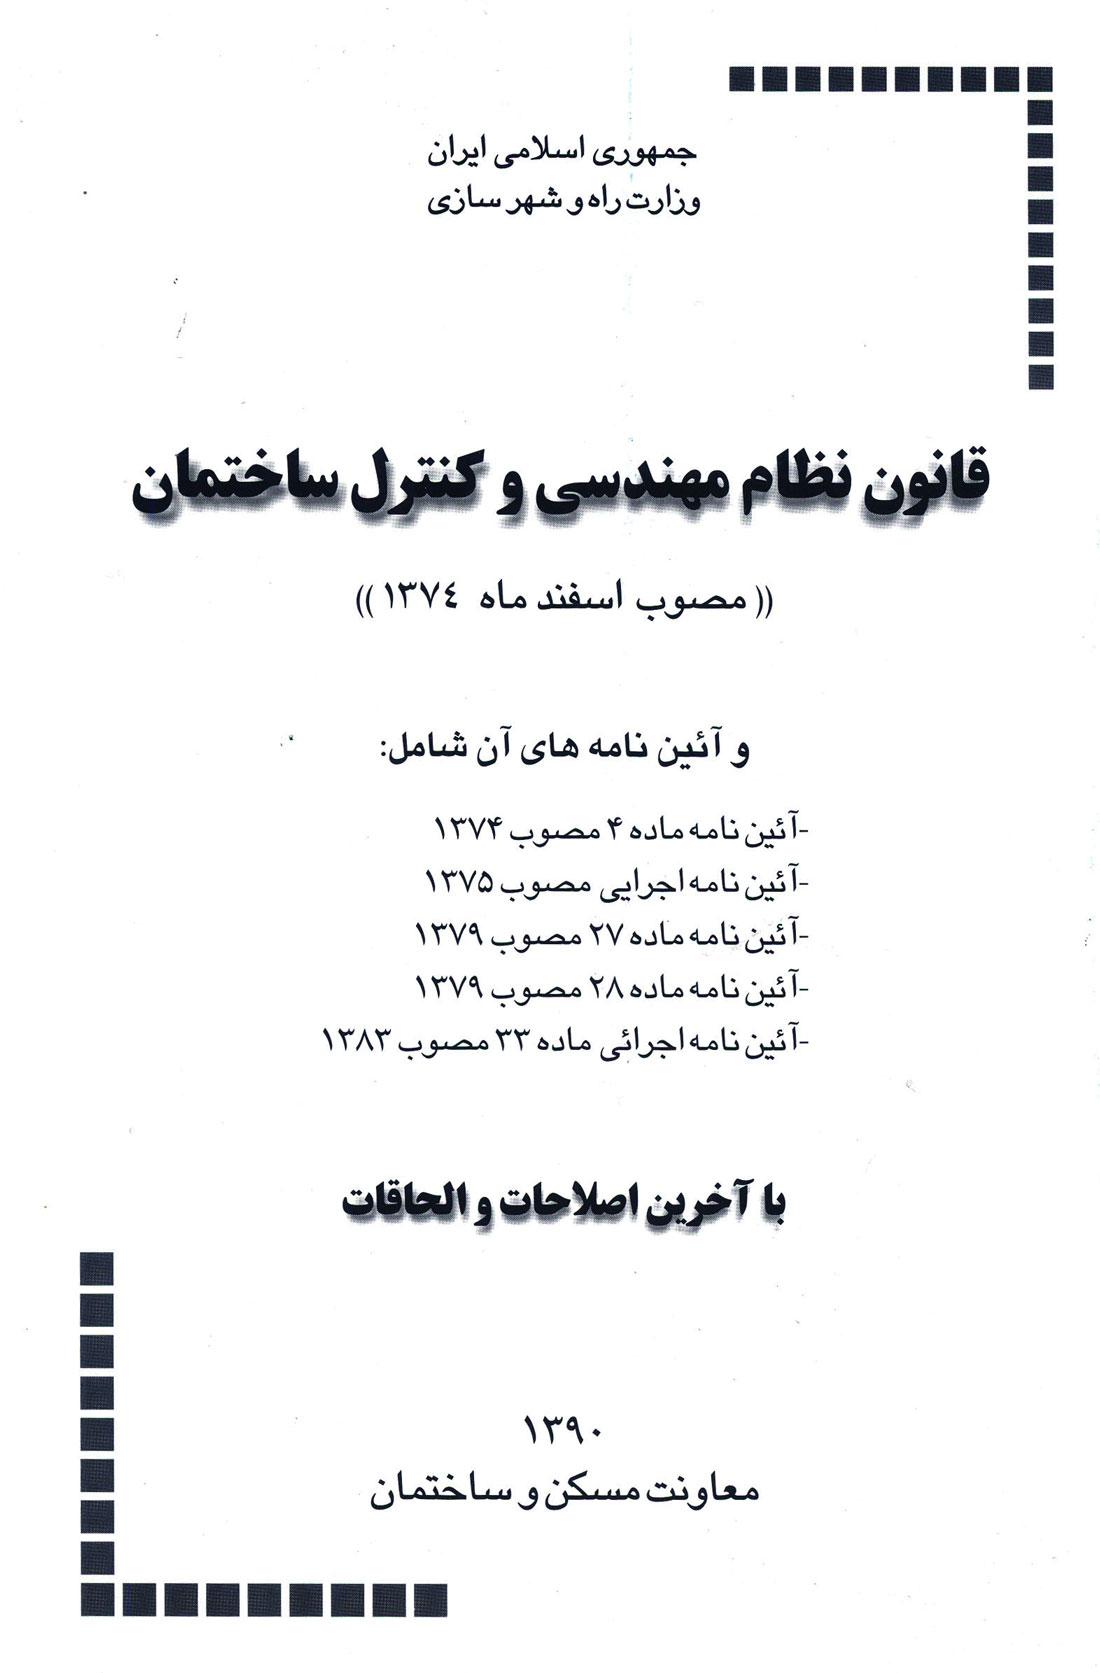 کتاب قانون نظام مهندسی و کنترل ساختمان